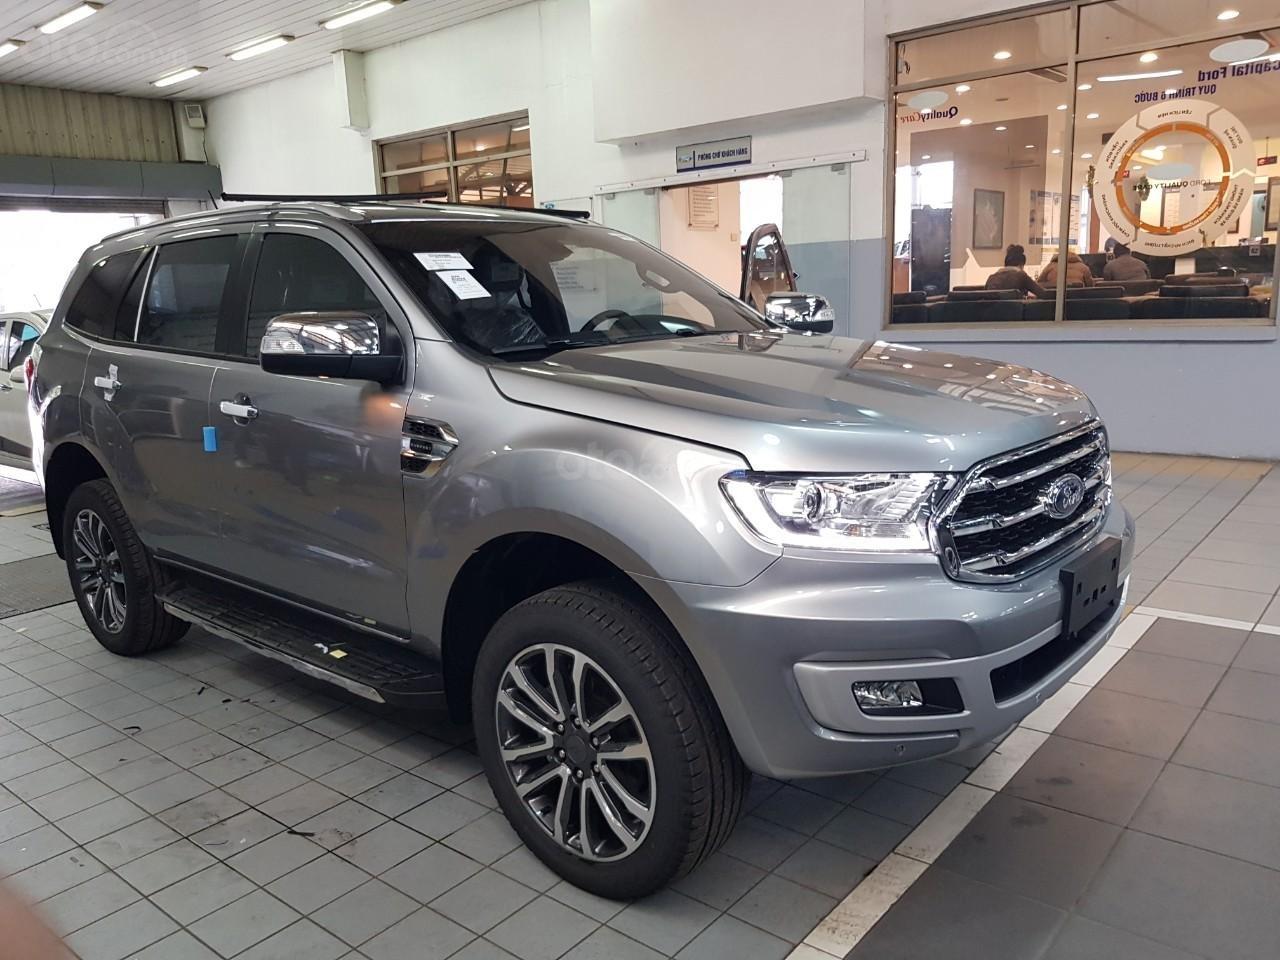 Ford Everest Titanium - KM 90 triệu tiền mặt, đủ màu giao ngay chỉ với từ 200 triệu Mr Trung: 0967664648 (1)